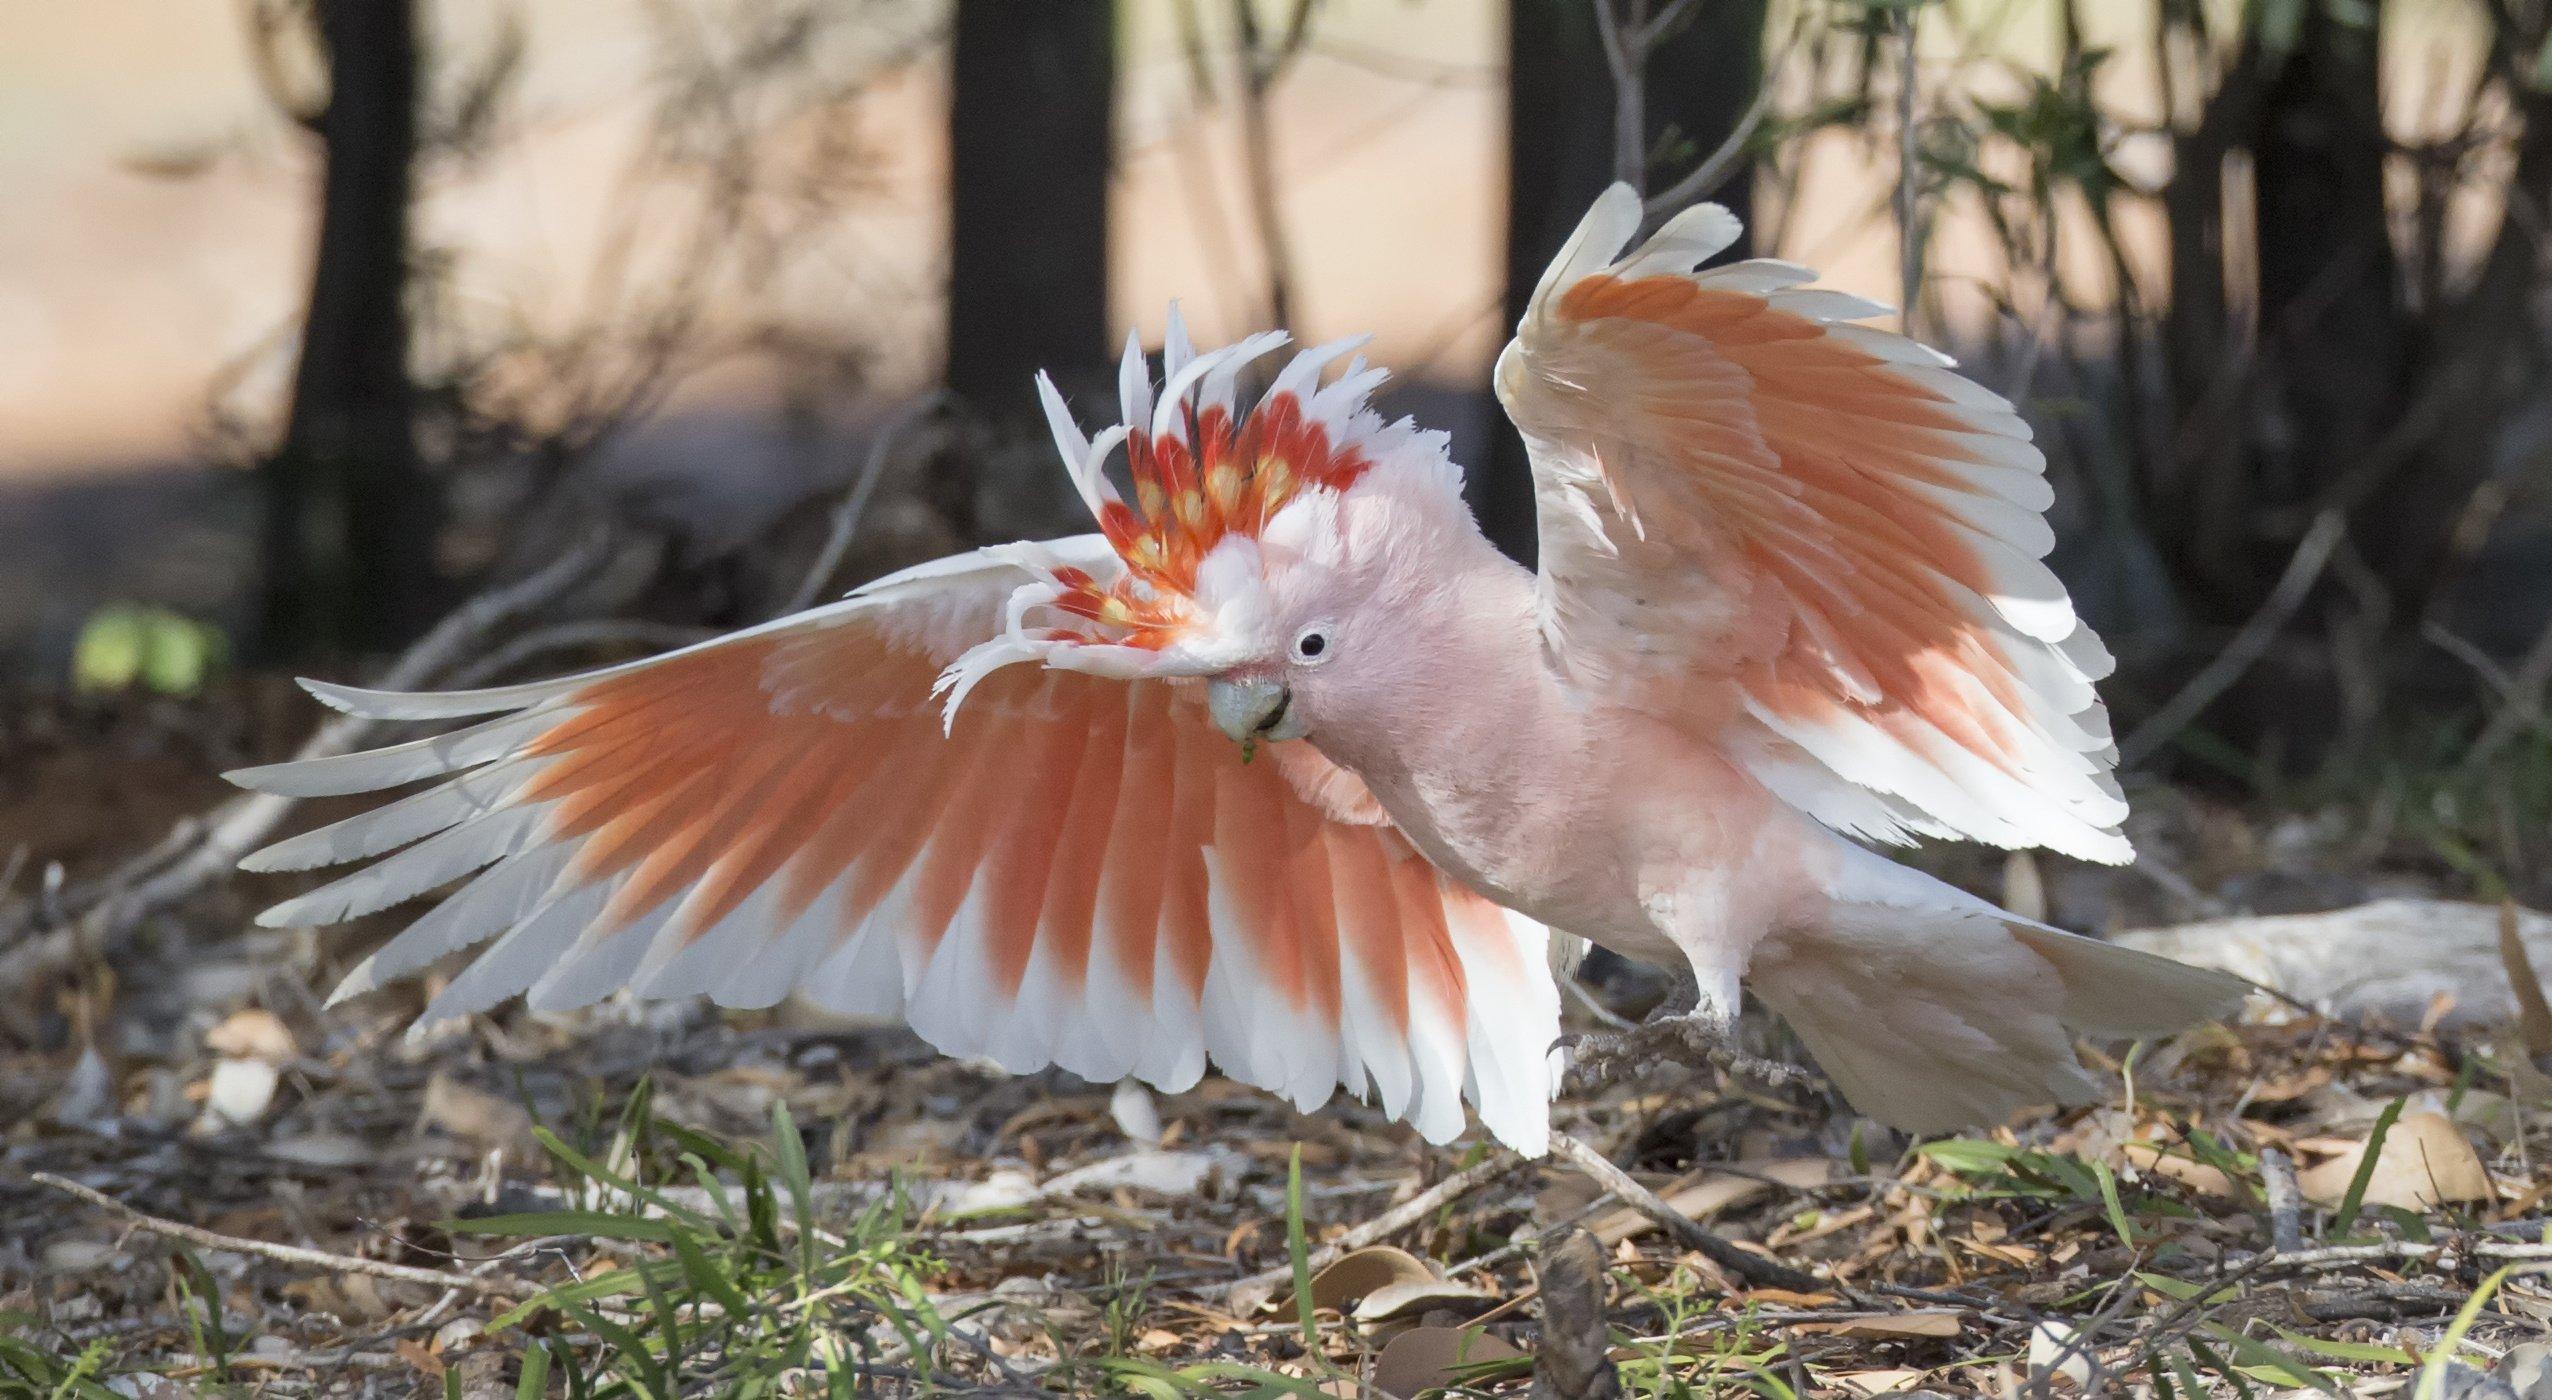 Pictures of birds in flight